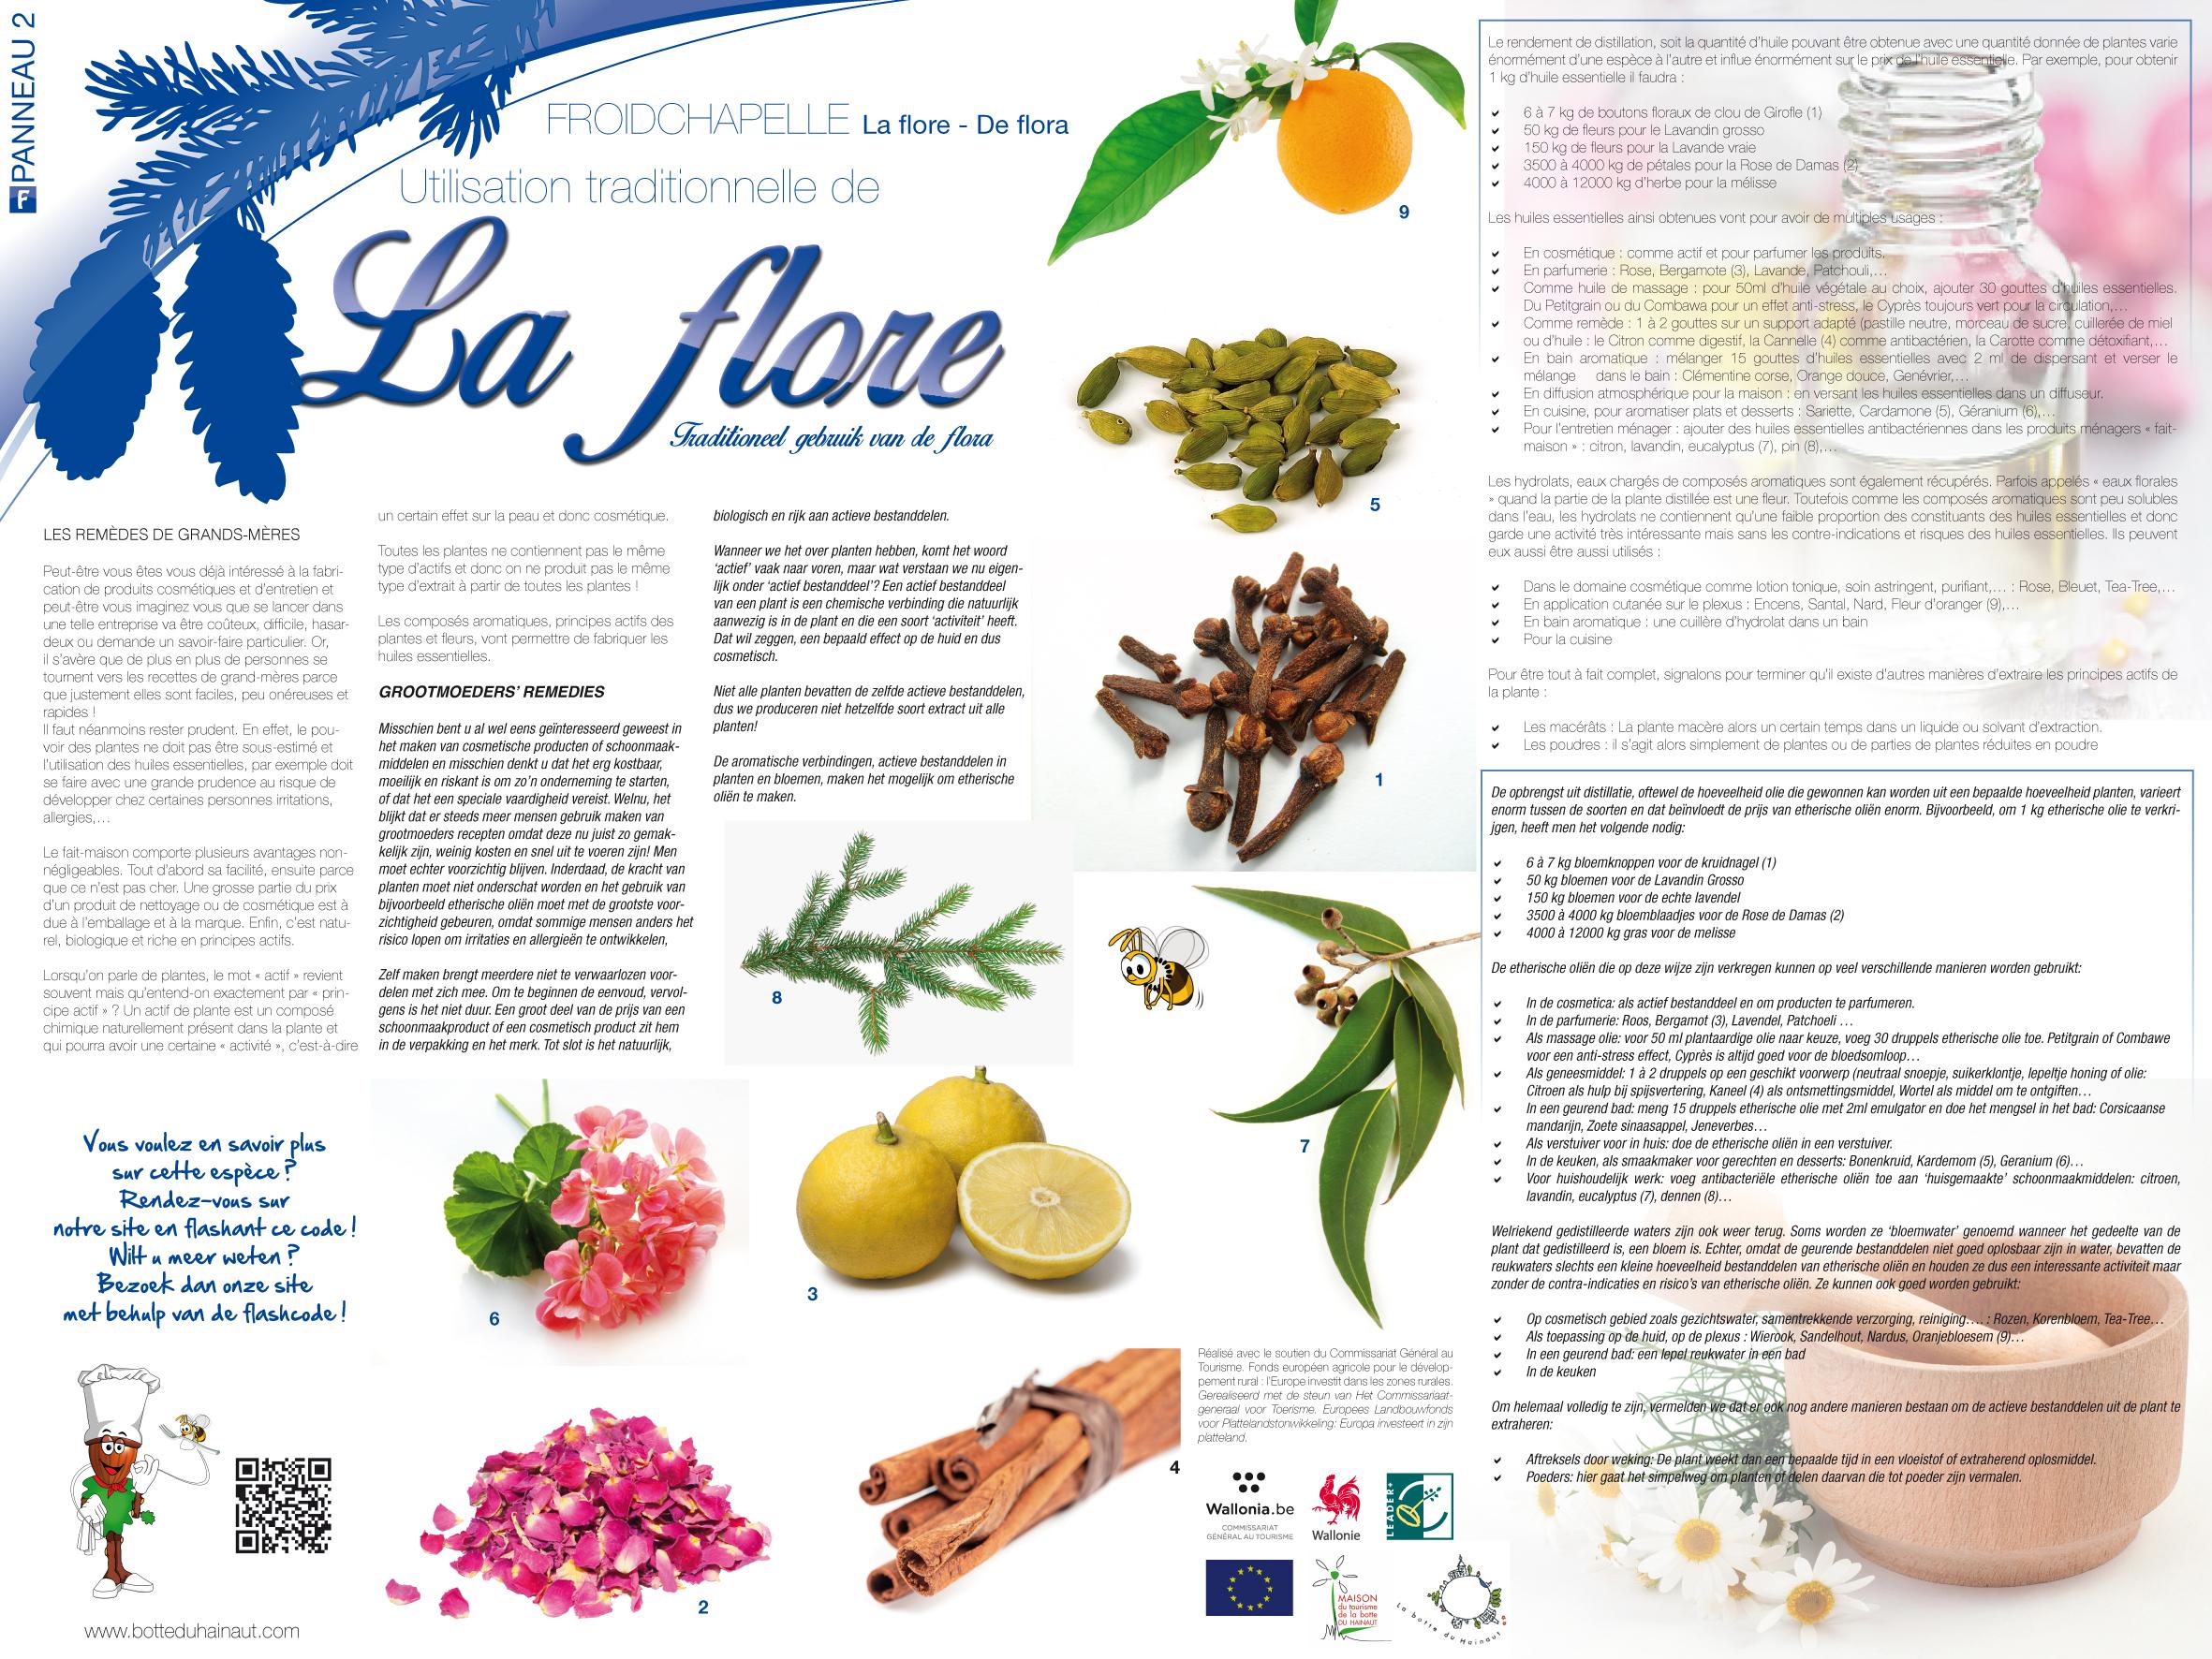 Froidchapelle_La flore_Utilisations traditionnelles